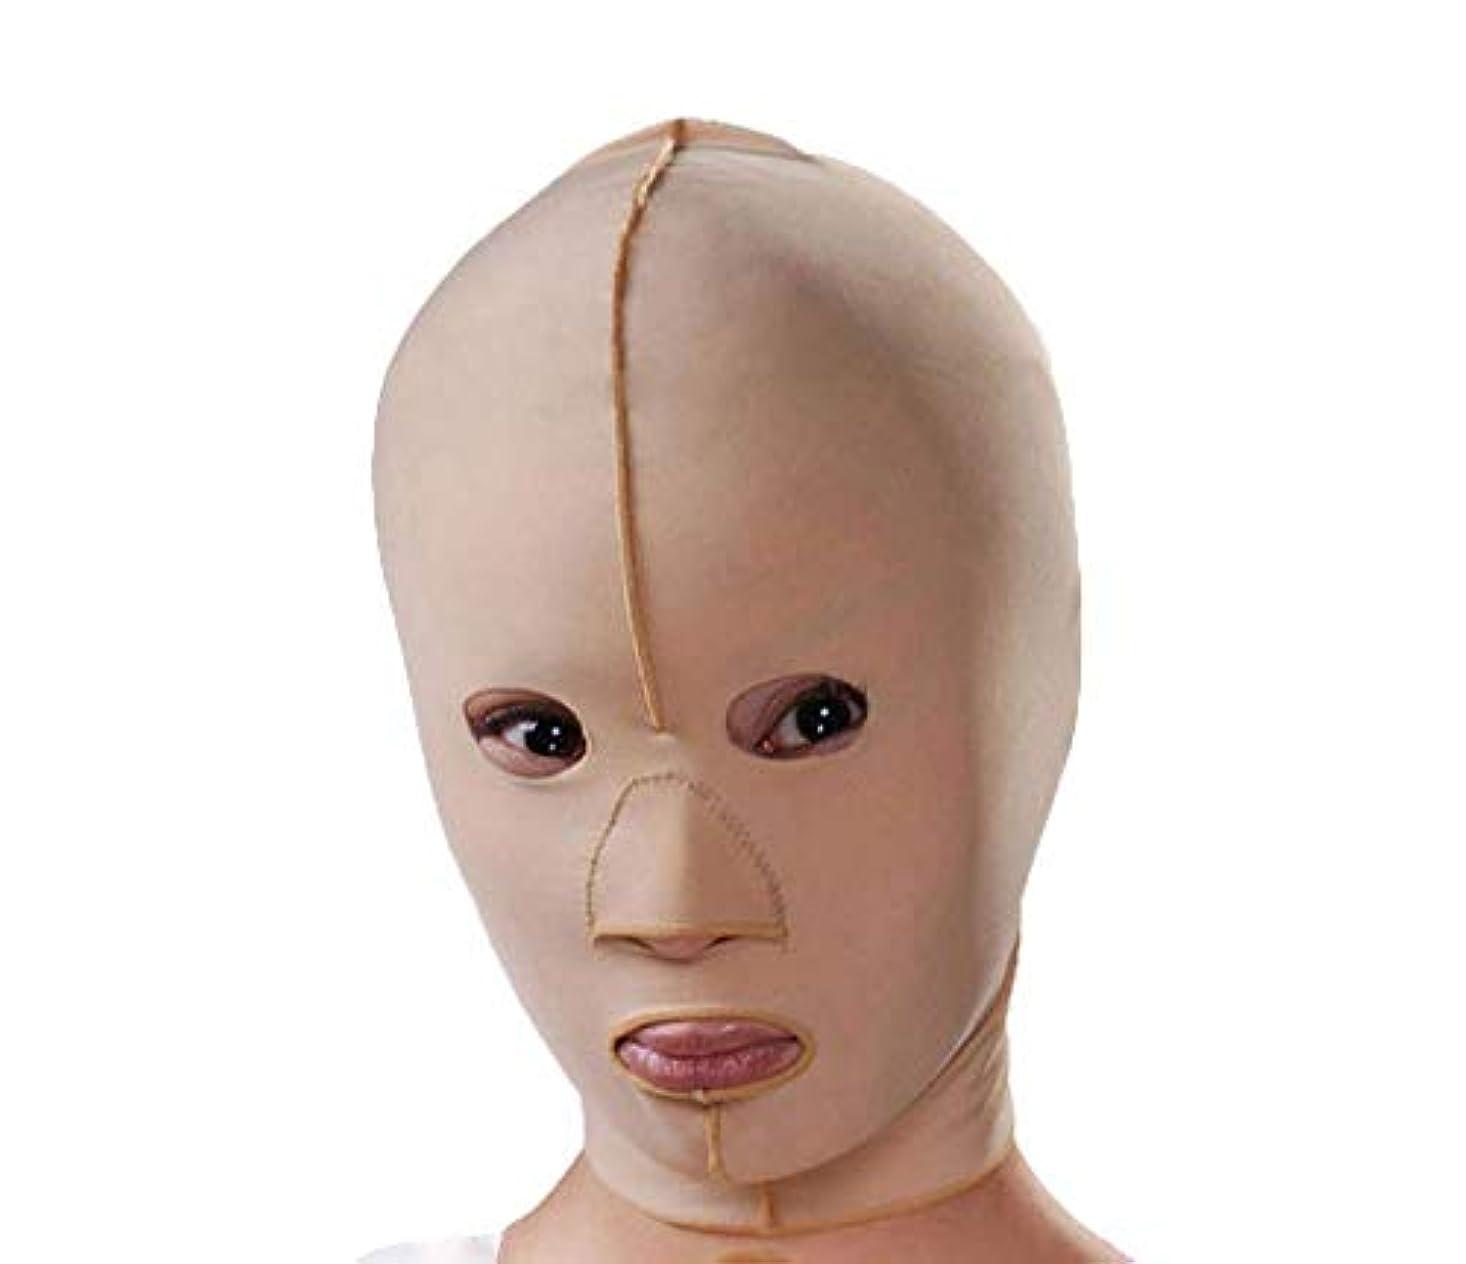 肌寒い保証金バタフライフェイスアンドネックリフト、減量強力なフェイスリフトエラスティックスリーブフェイシャルリフティングファーミングビューティーフェイシャルスカーリハビリテーションフルフェイスマスク(サイズ:M)